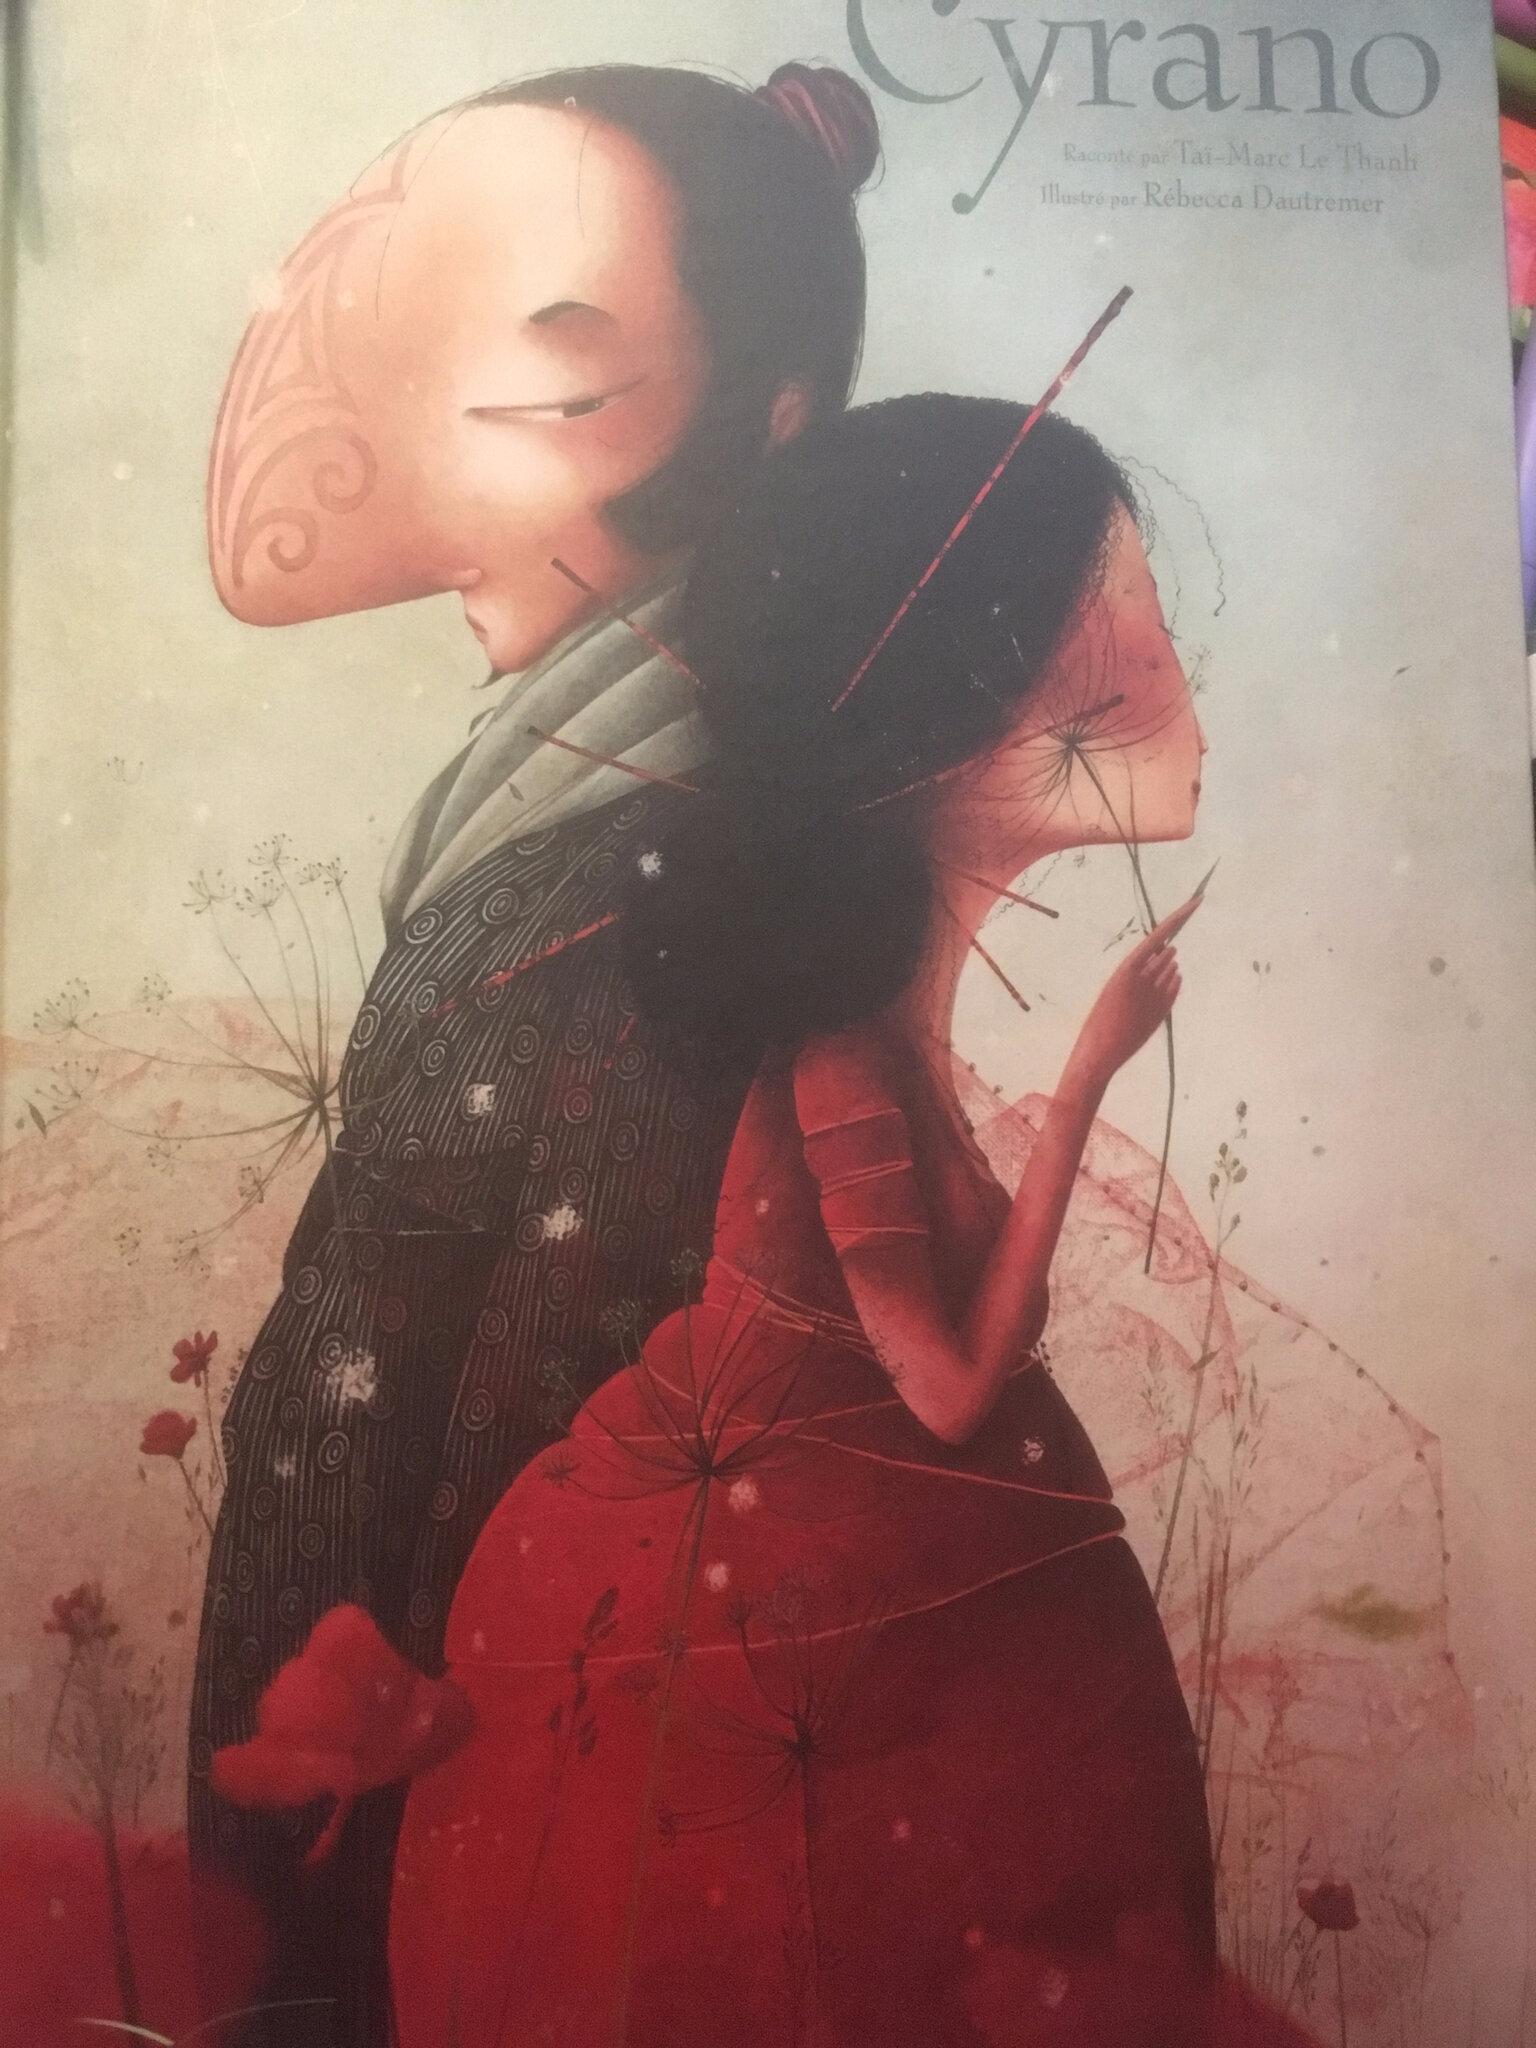 Cyrano, de Taï-Marc Le Thanh et Rebecca Dautremer